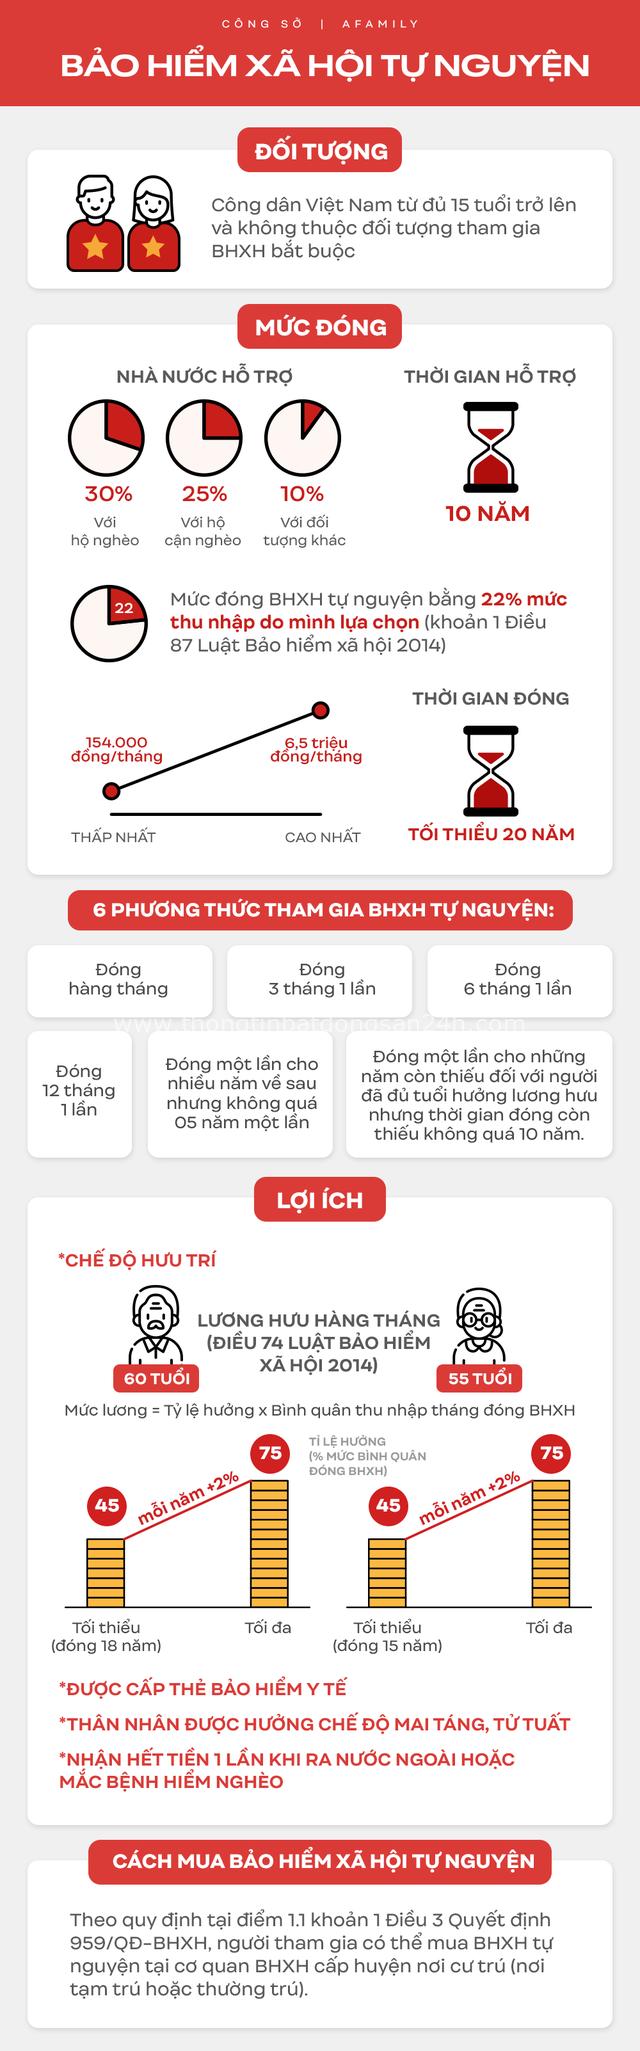 Infographic: Bảo hiểm xã hội tự nguyện là gì? Vì sao chị em bỉm sữa làm việc tự do cần tham gia loại hình bảo hiểm này? - Ảnh 2.